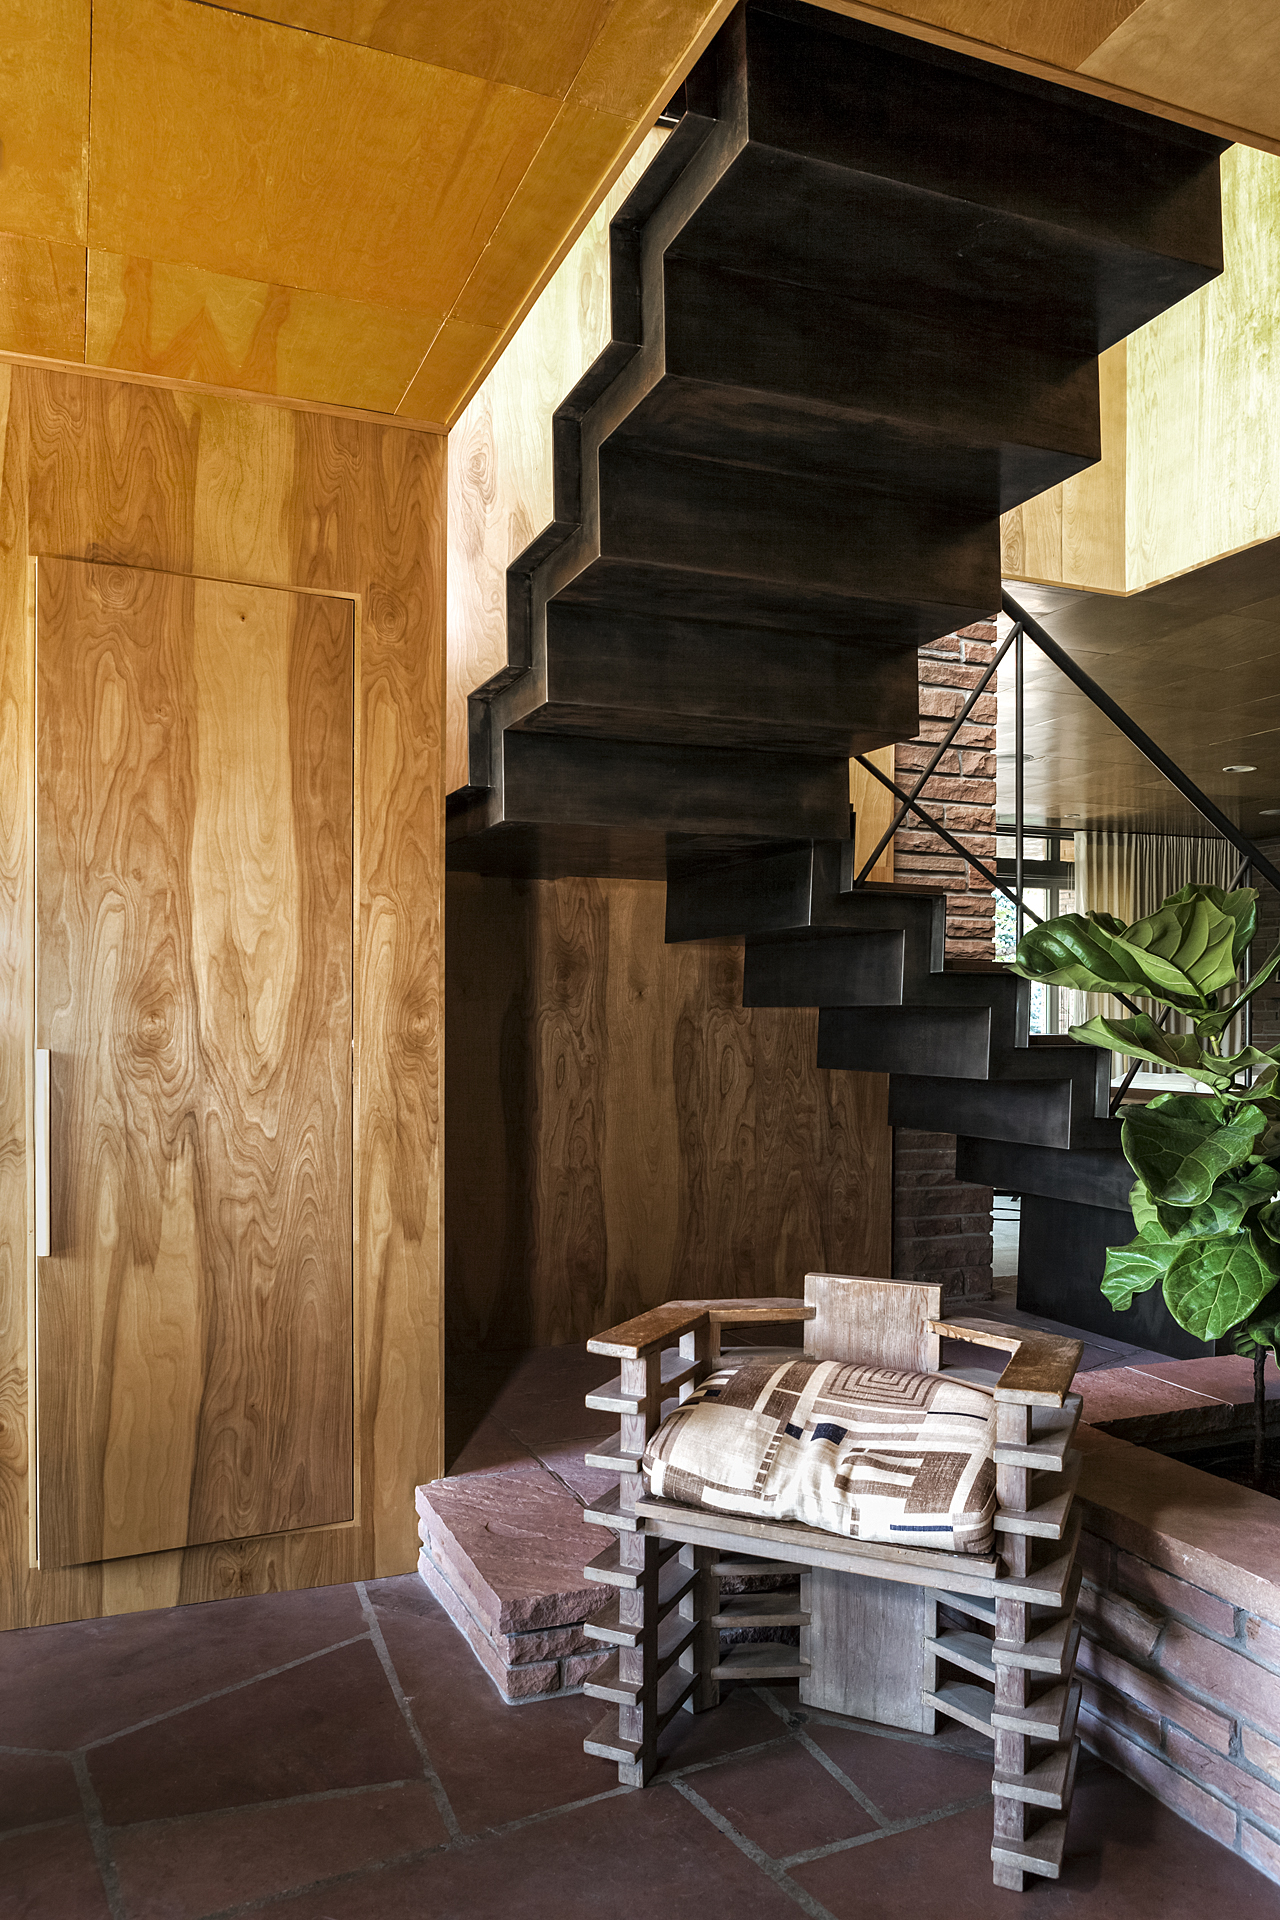 stair railing hornbein